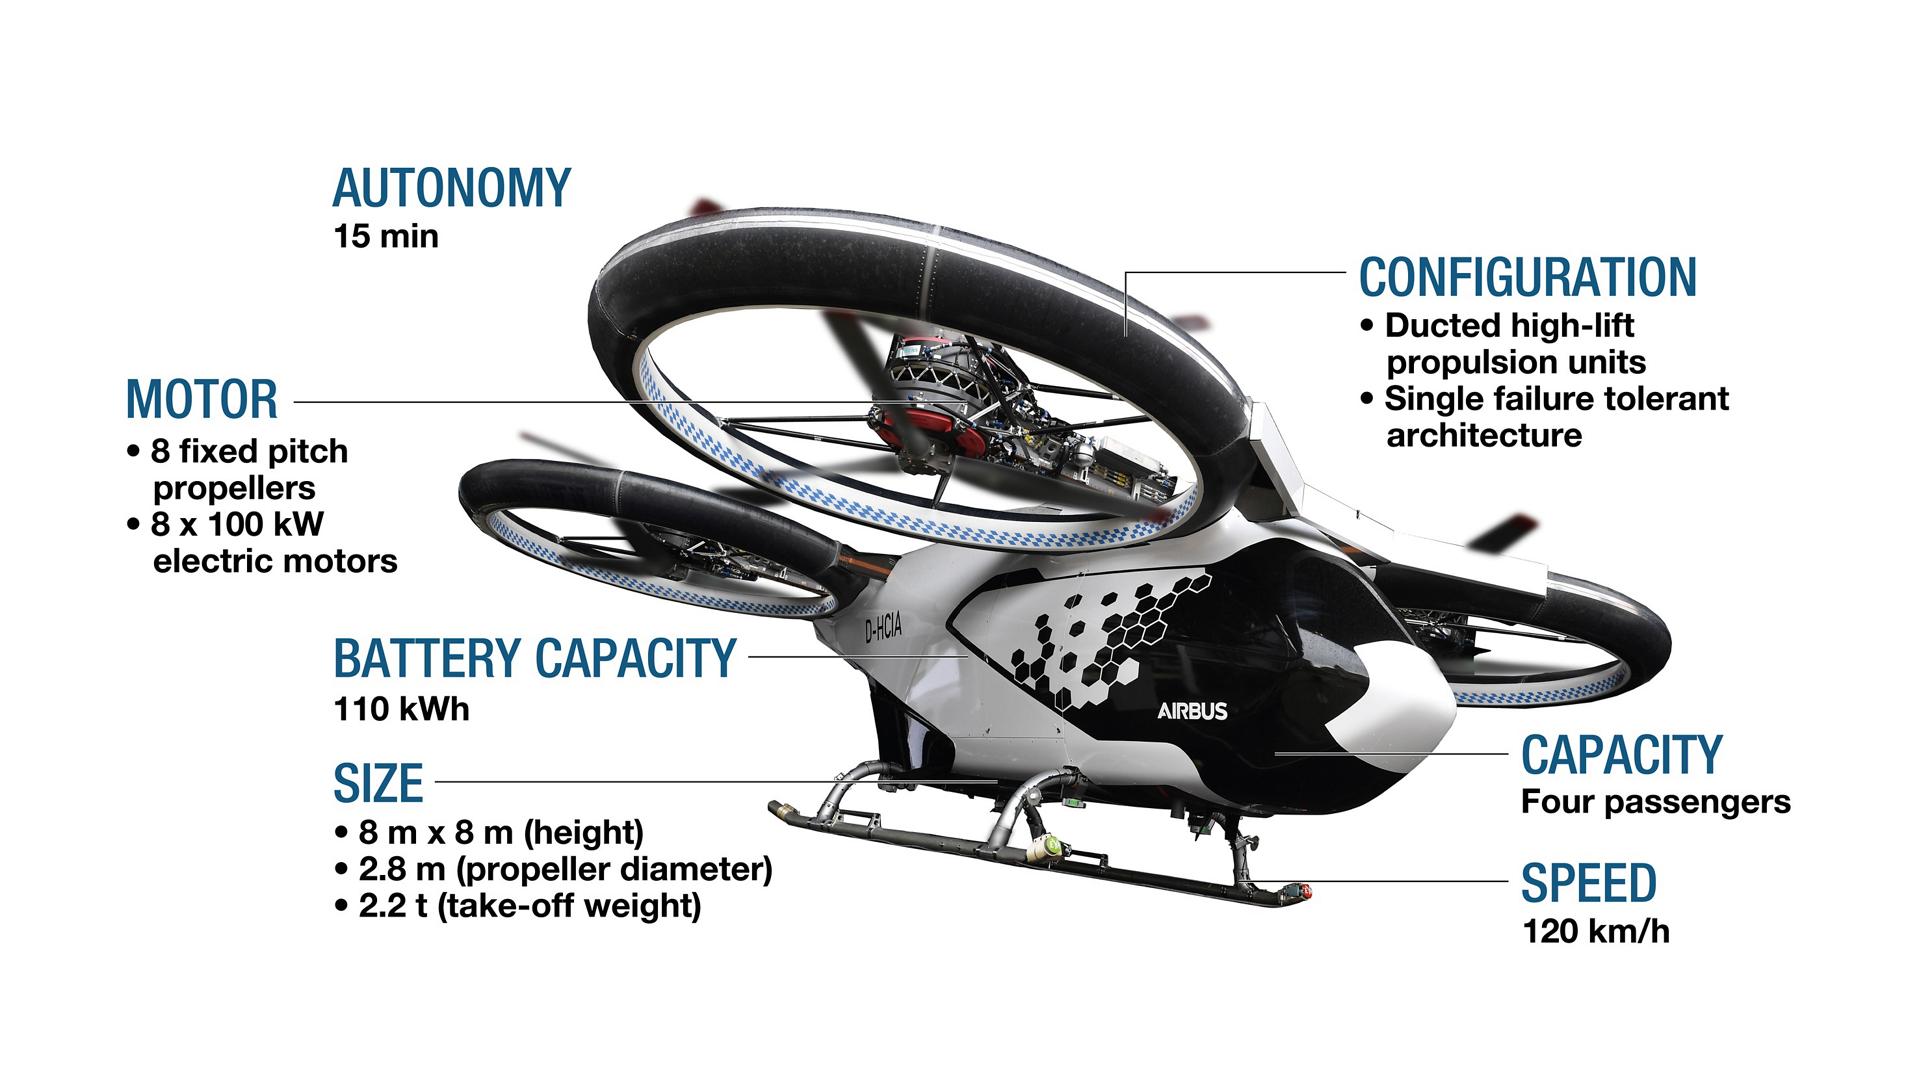 Το νέο ιπτάμενο ταξί της Airbus